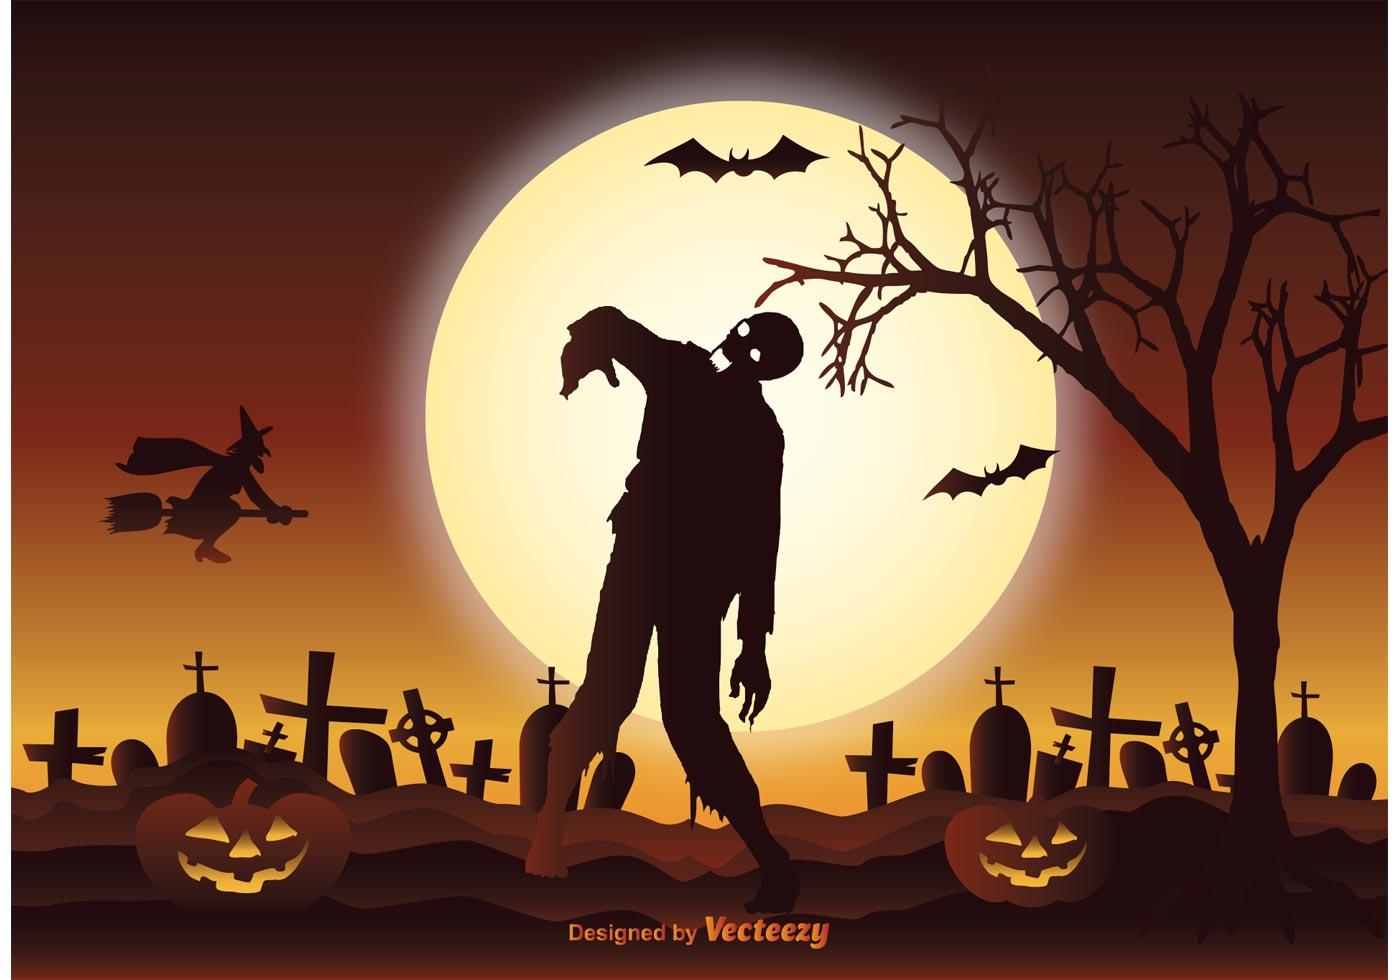 Halloween Zombie Illustration - Download Free Vector Art ...